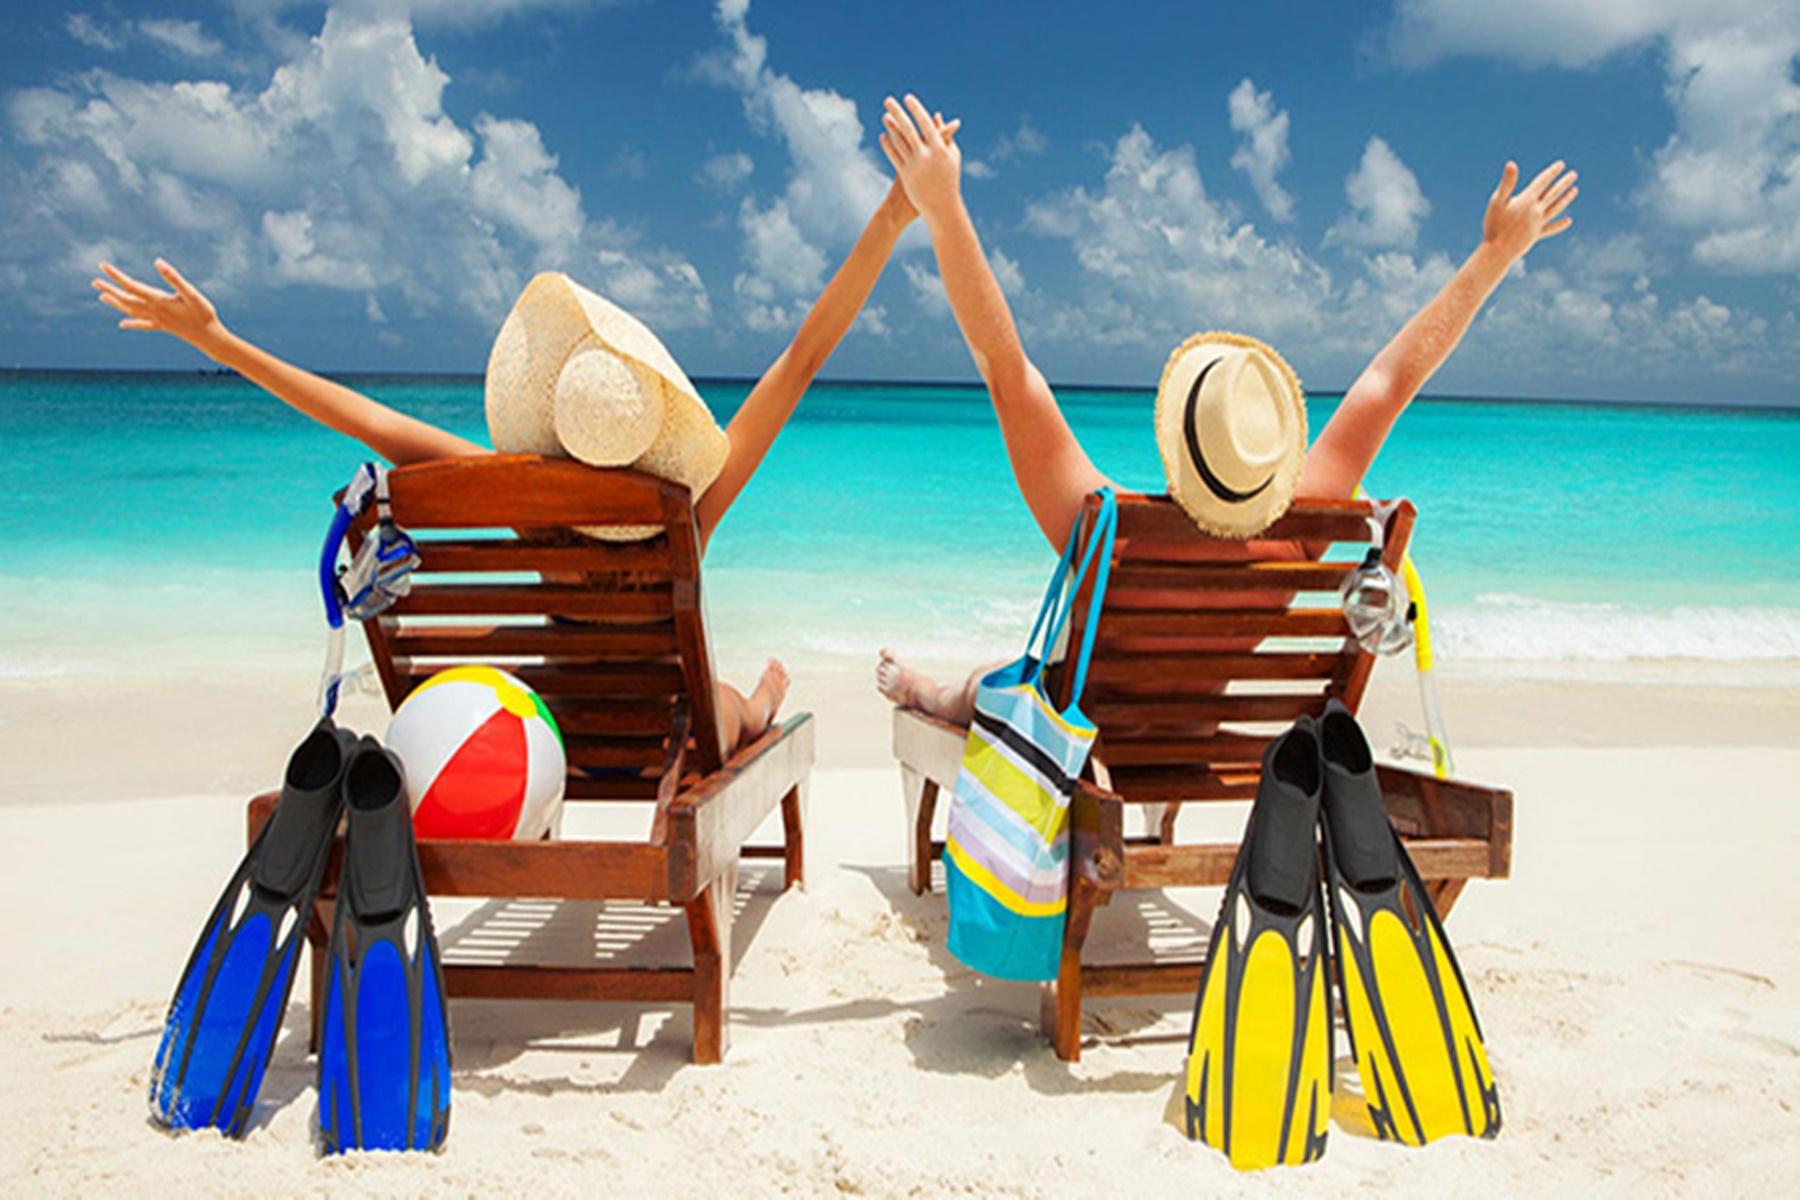 ΟΑΕΔ Κοινωνικός τουρισμός : Αναρτήθηκαν τα οριστικά αποτελέσματα